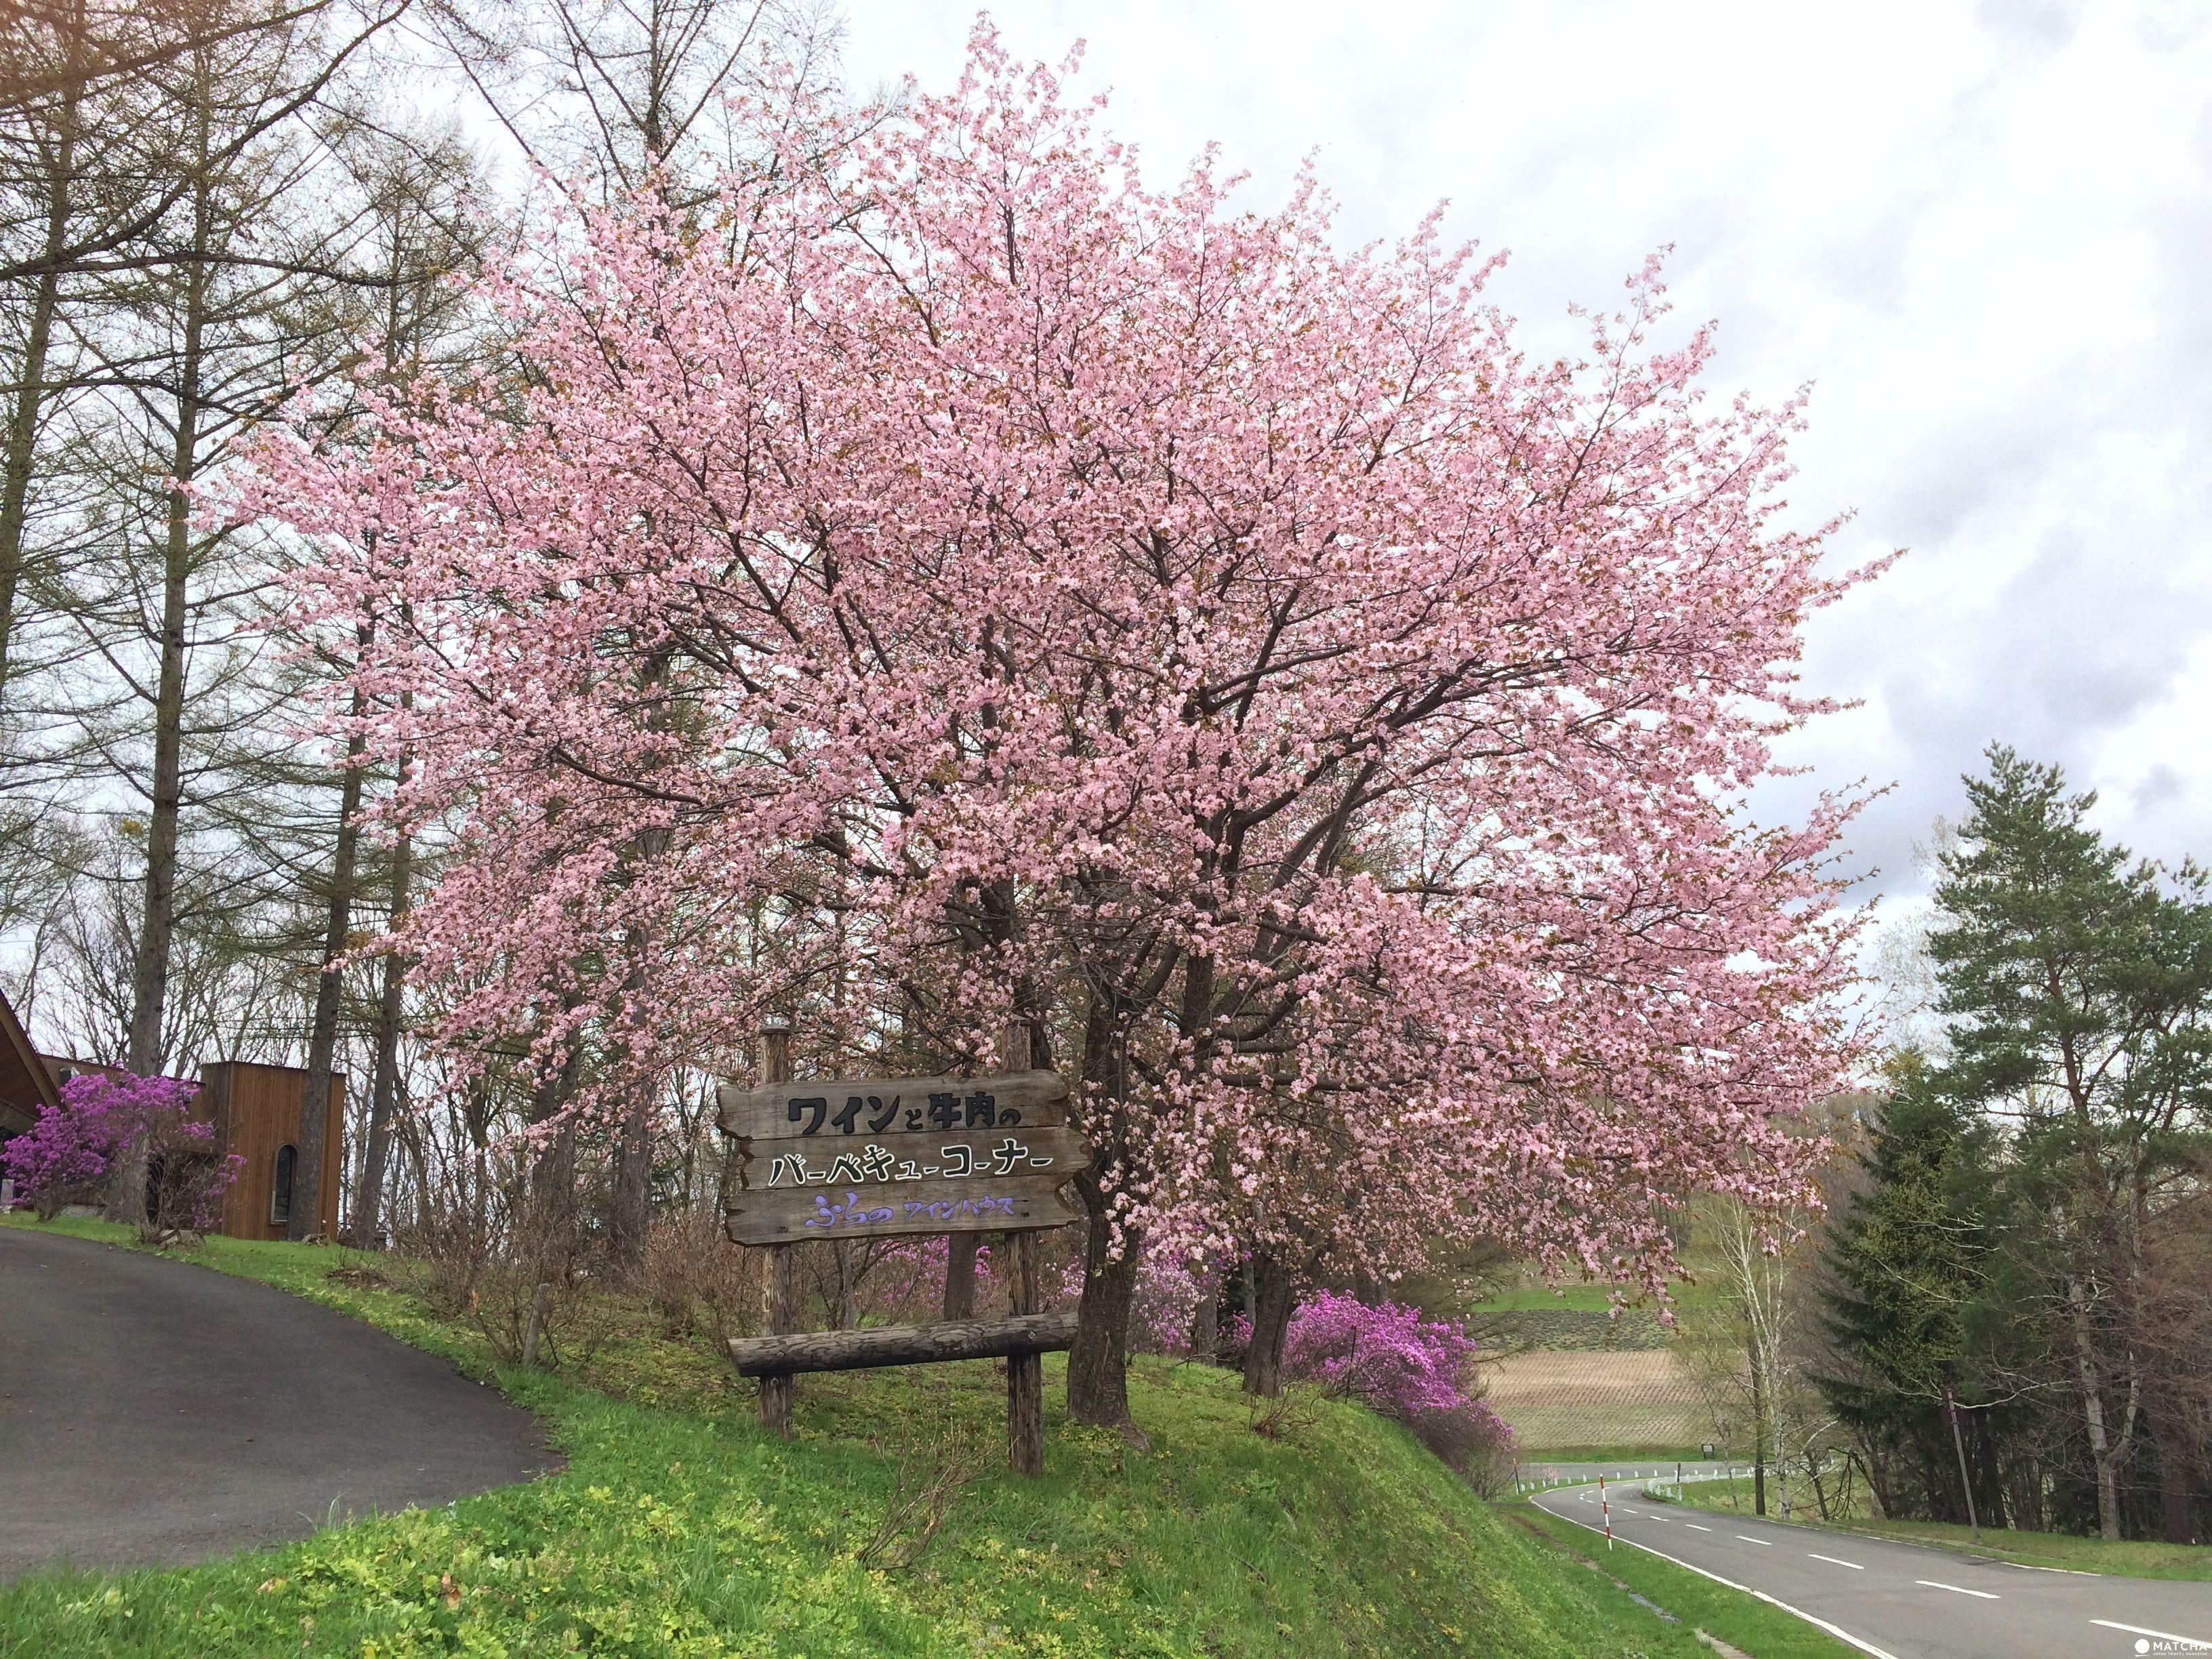 登上清水山可見沿途的櫻花樹。(圖片取自lifedio.com)